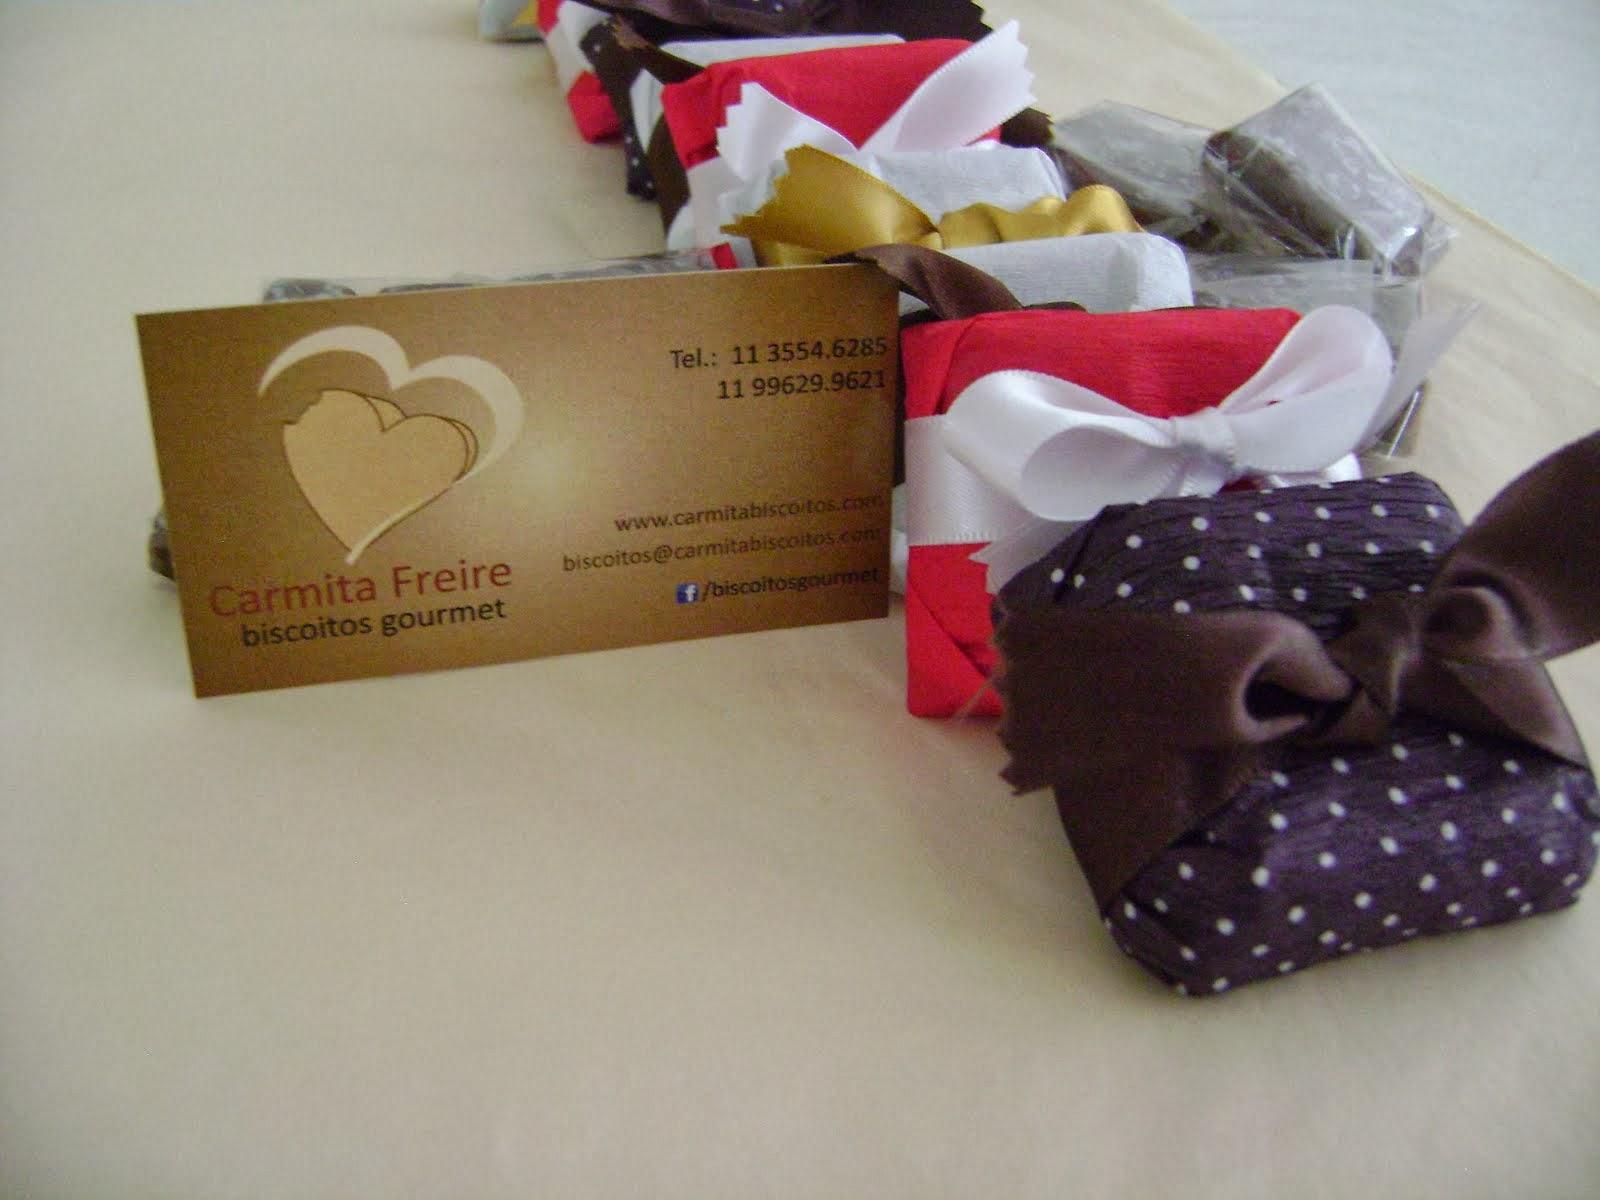 Lançamento : Chocolatinho! para comer a qualquer hora , embrulhados em papel crepom colorido.